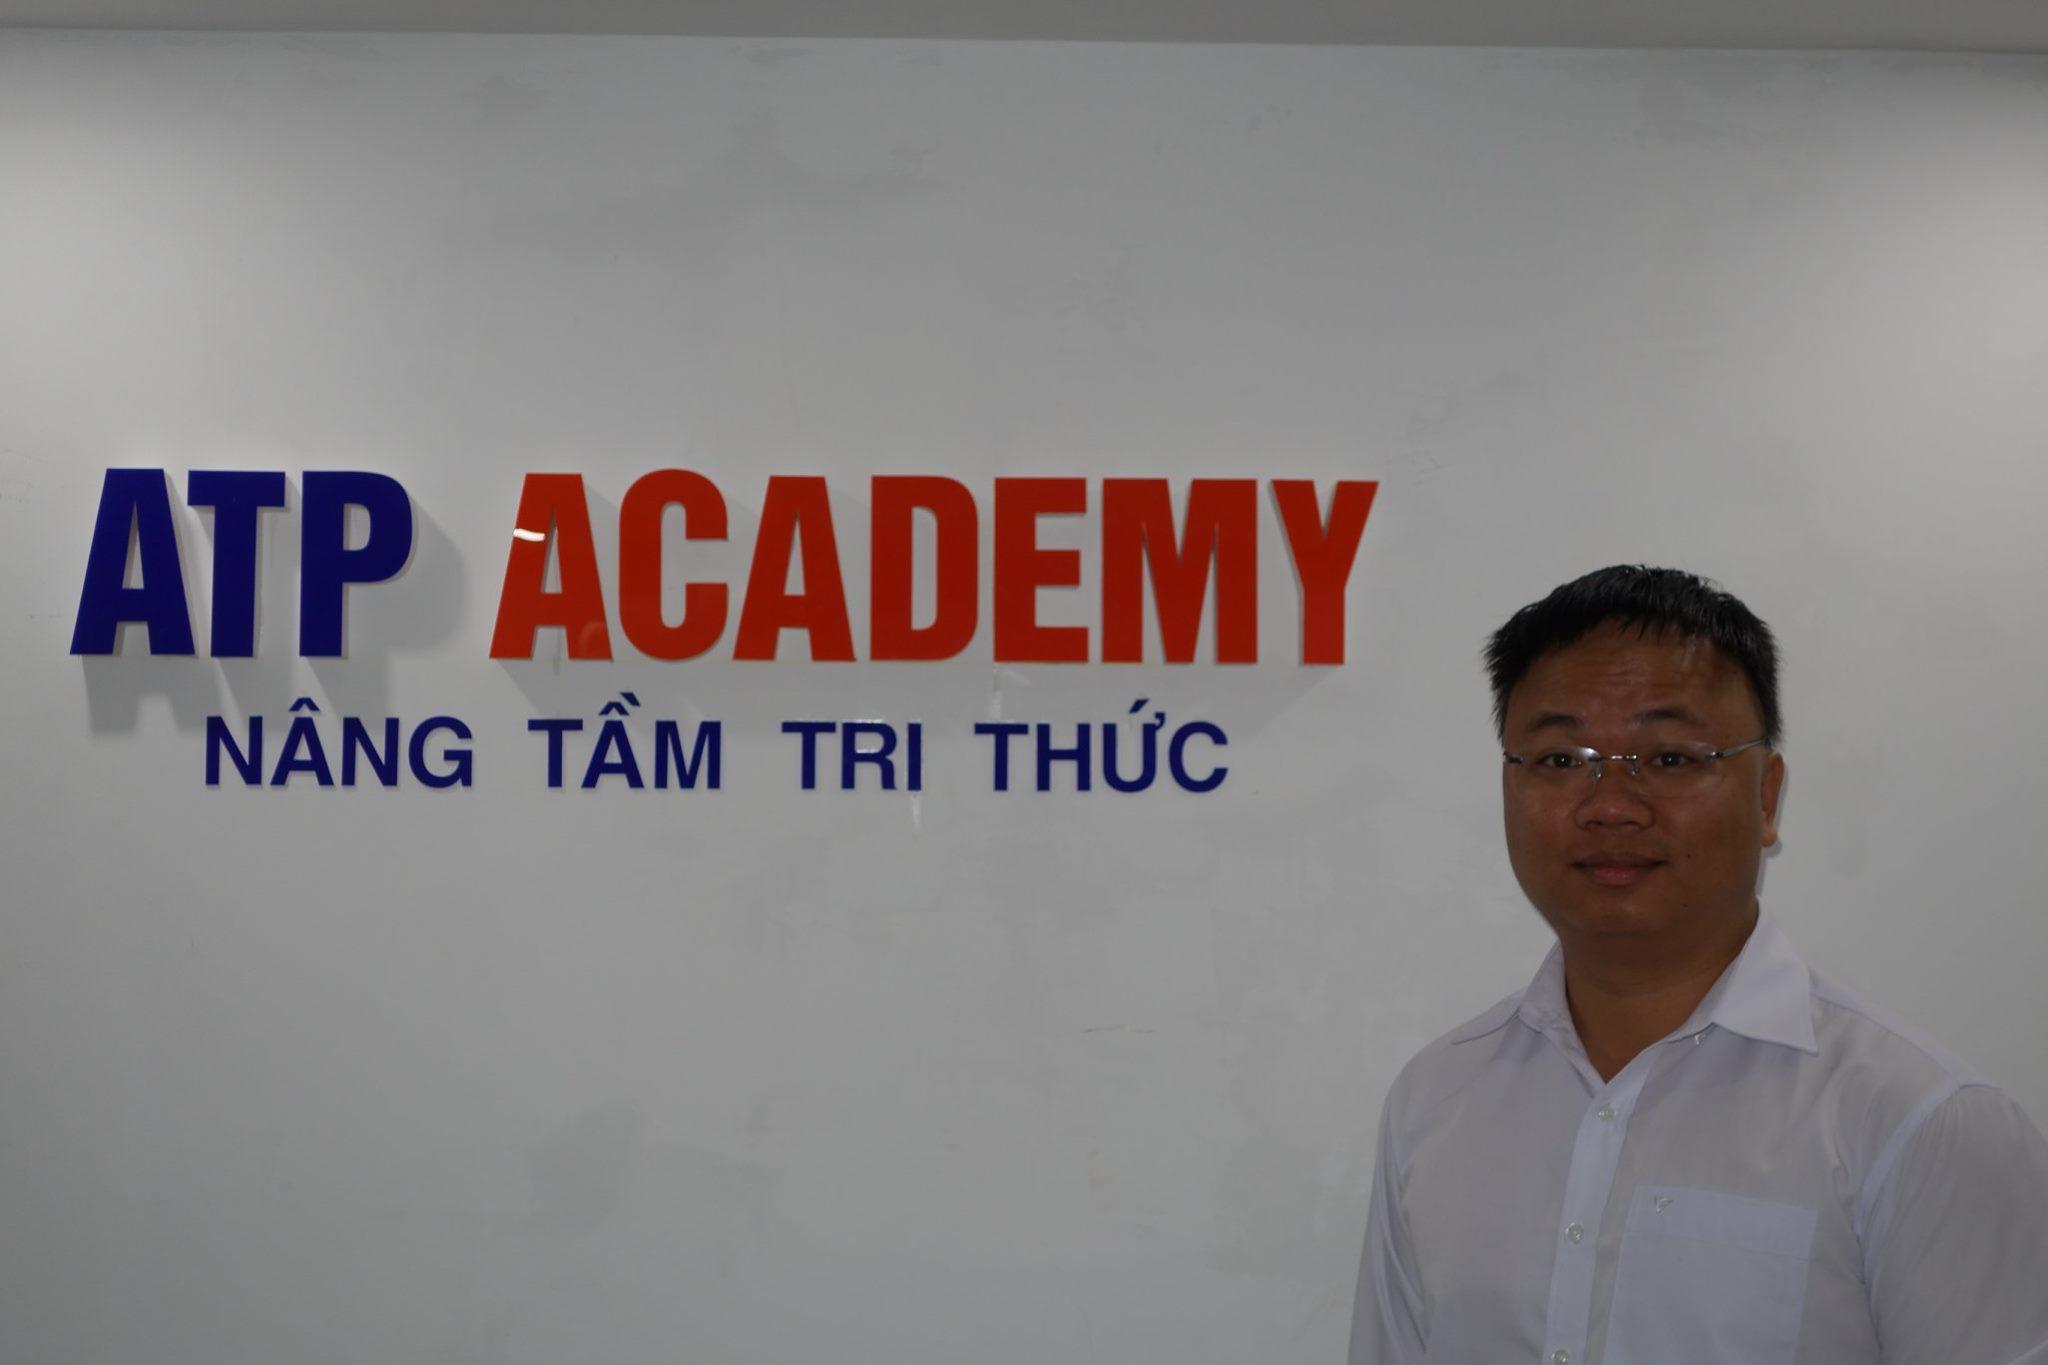 Mo Hinh Kinh Doanh Tran Thinh Lam